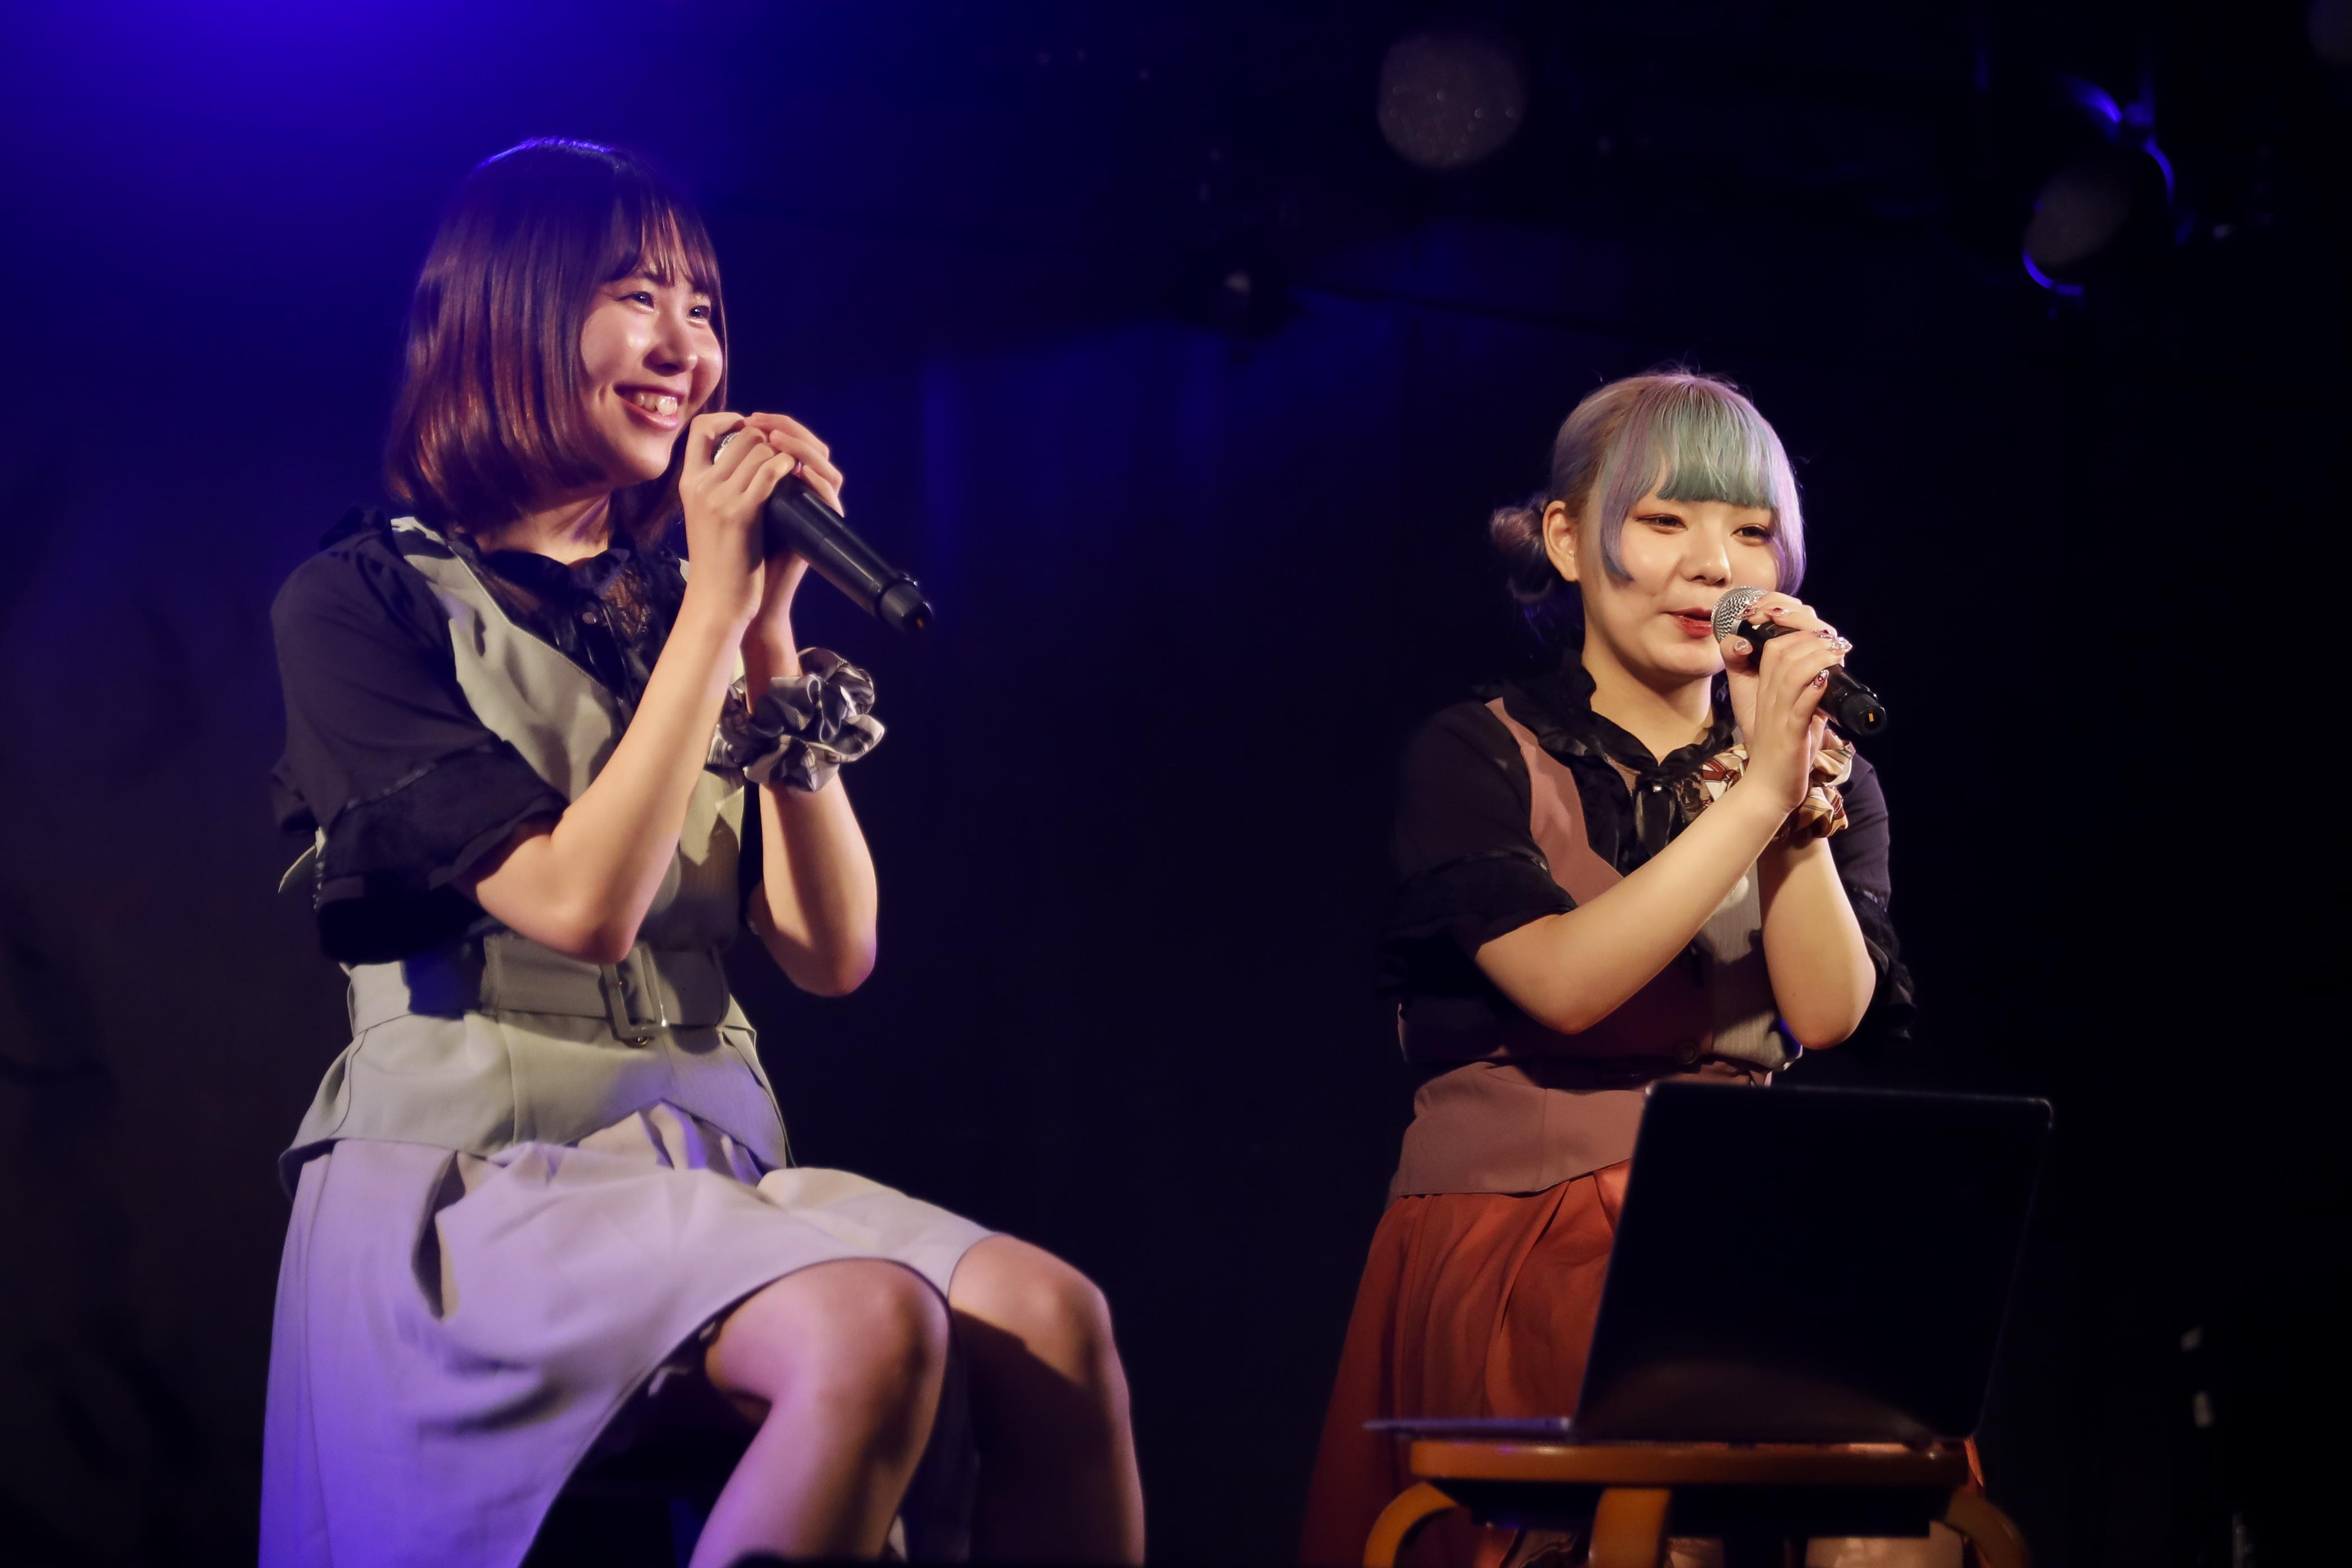 オーディション [名古屋]「れなーた」新メンバーオーディション オープニングを届けるアイドルをテーマに楽しく活動しています 主催:ALCgroup、カテゴリ:アイドル(ロコドル)